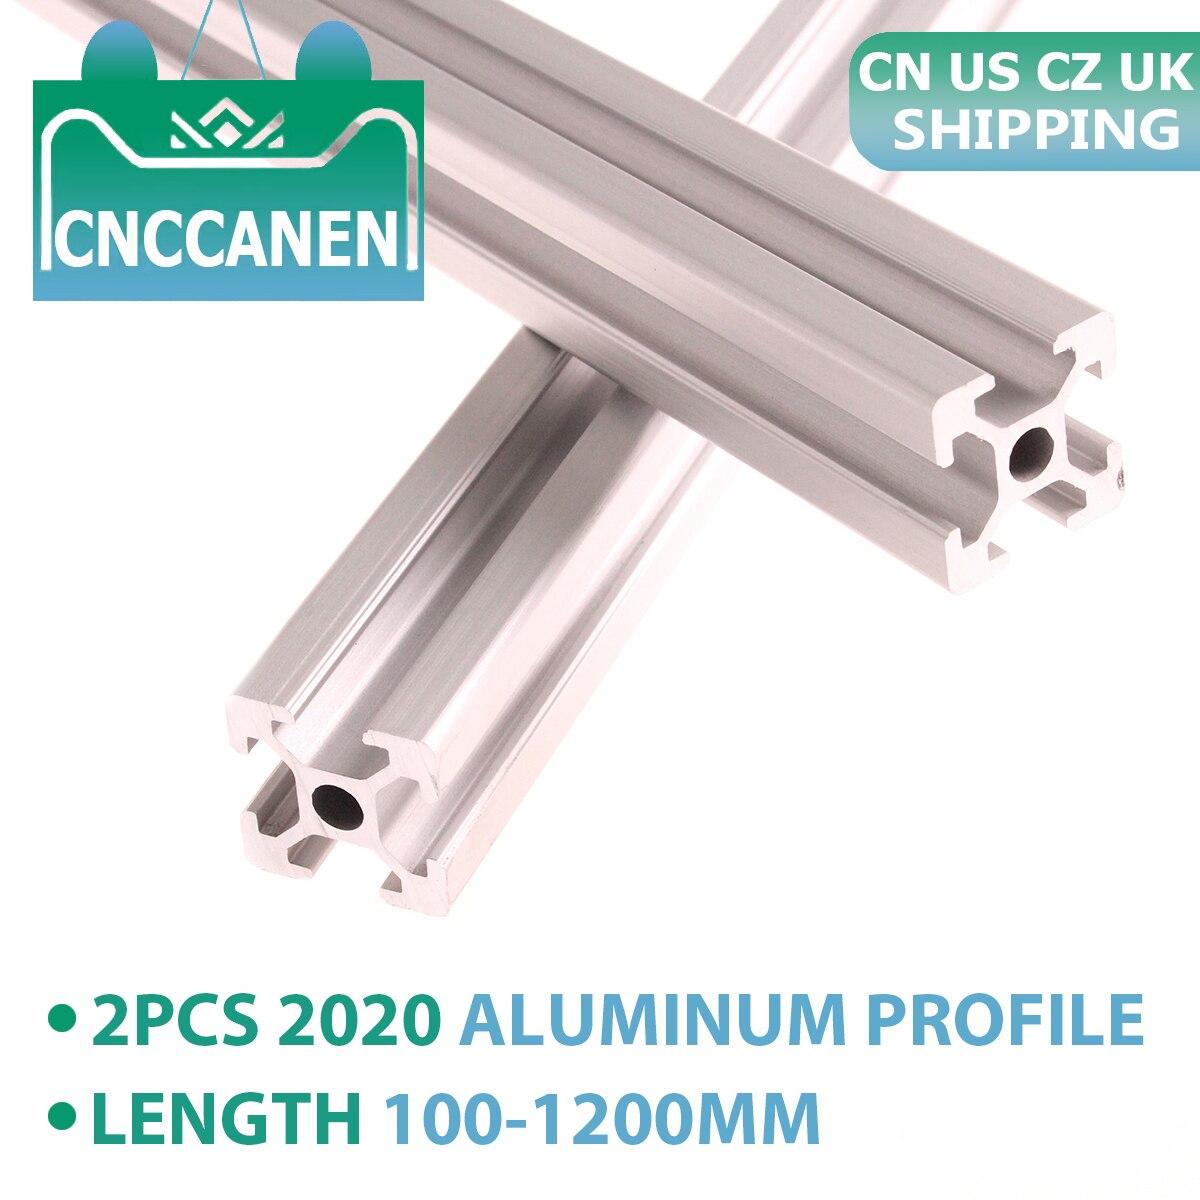 Extrusión de perfil de aluminio 2020, 2 uds. De riel lineal estándar europeo 2020 a 1200mm de 100mm de longitud para CNC 3D, piezas de impresora CZ UK US